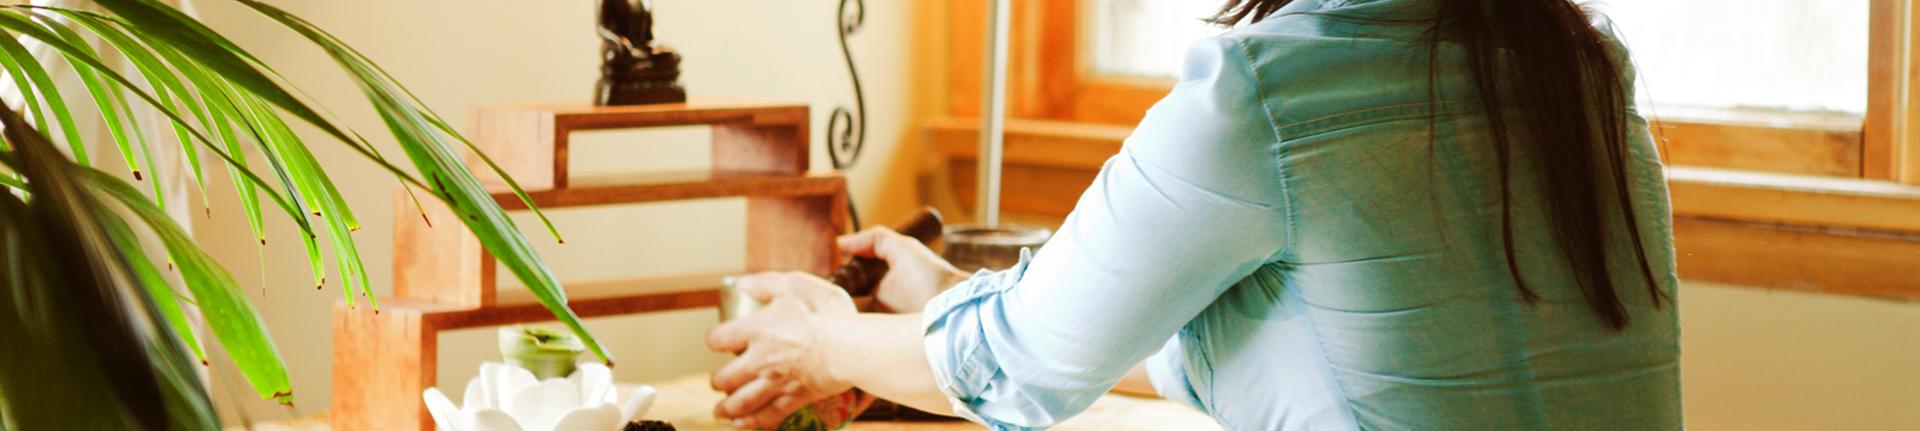 Feng Shui melhorando a energia da casa